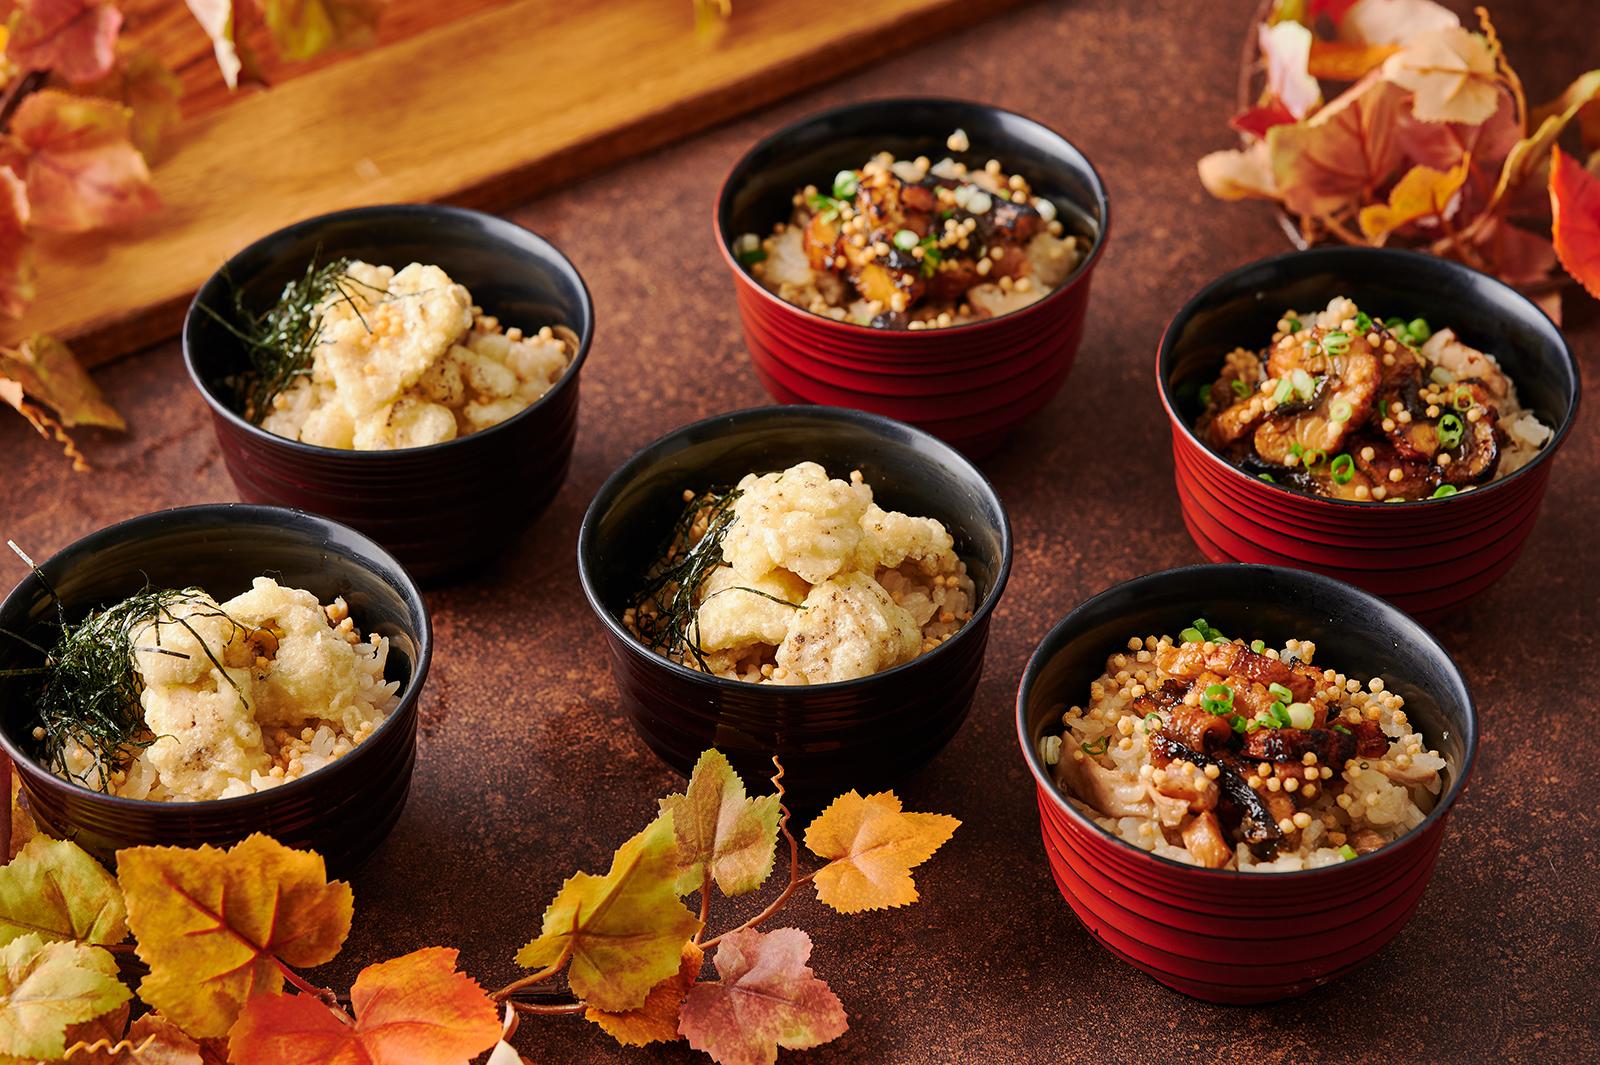 鱧の天ぷらとキノコの炊き込みご飯 天茶風(左)  ウナギの炙りをのせた松茸とキノコ炊き込みご飯 ひつまぶし風(右)